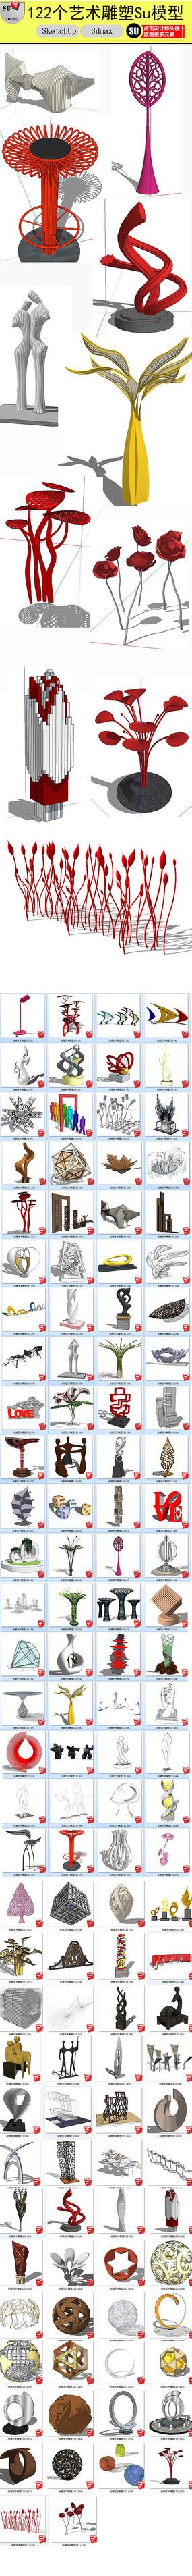 雕塑小品设计